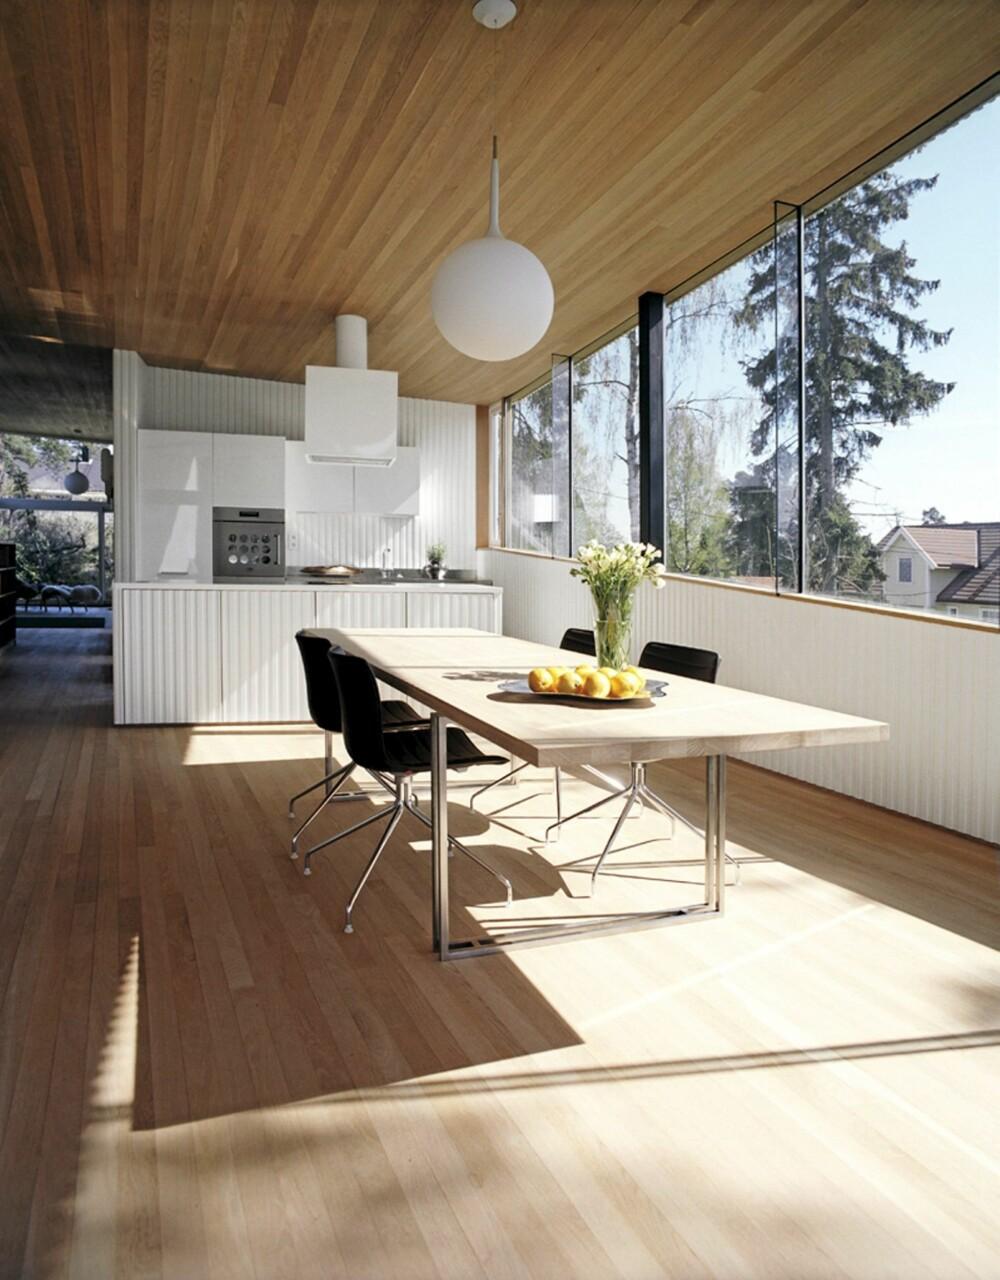 UTSØKT UTSIKT: Kjøkken og spisestueområdet har enorm utsikt over nabolaget og indre Oslo-fjord.